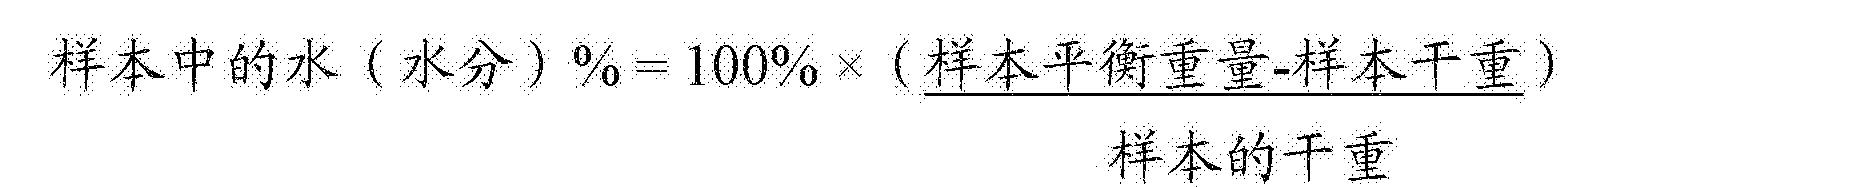 Figure CN103025929BD00703